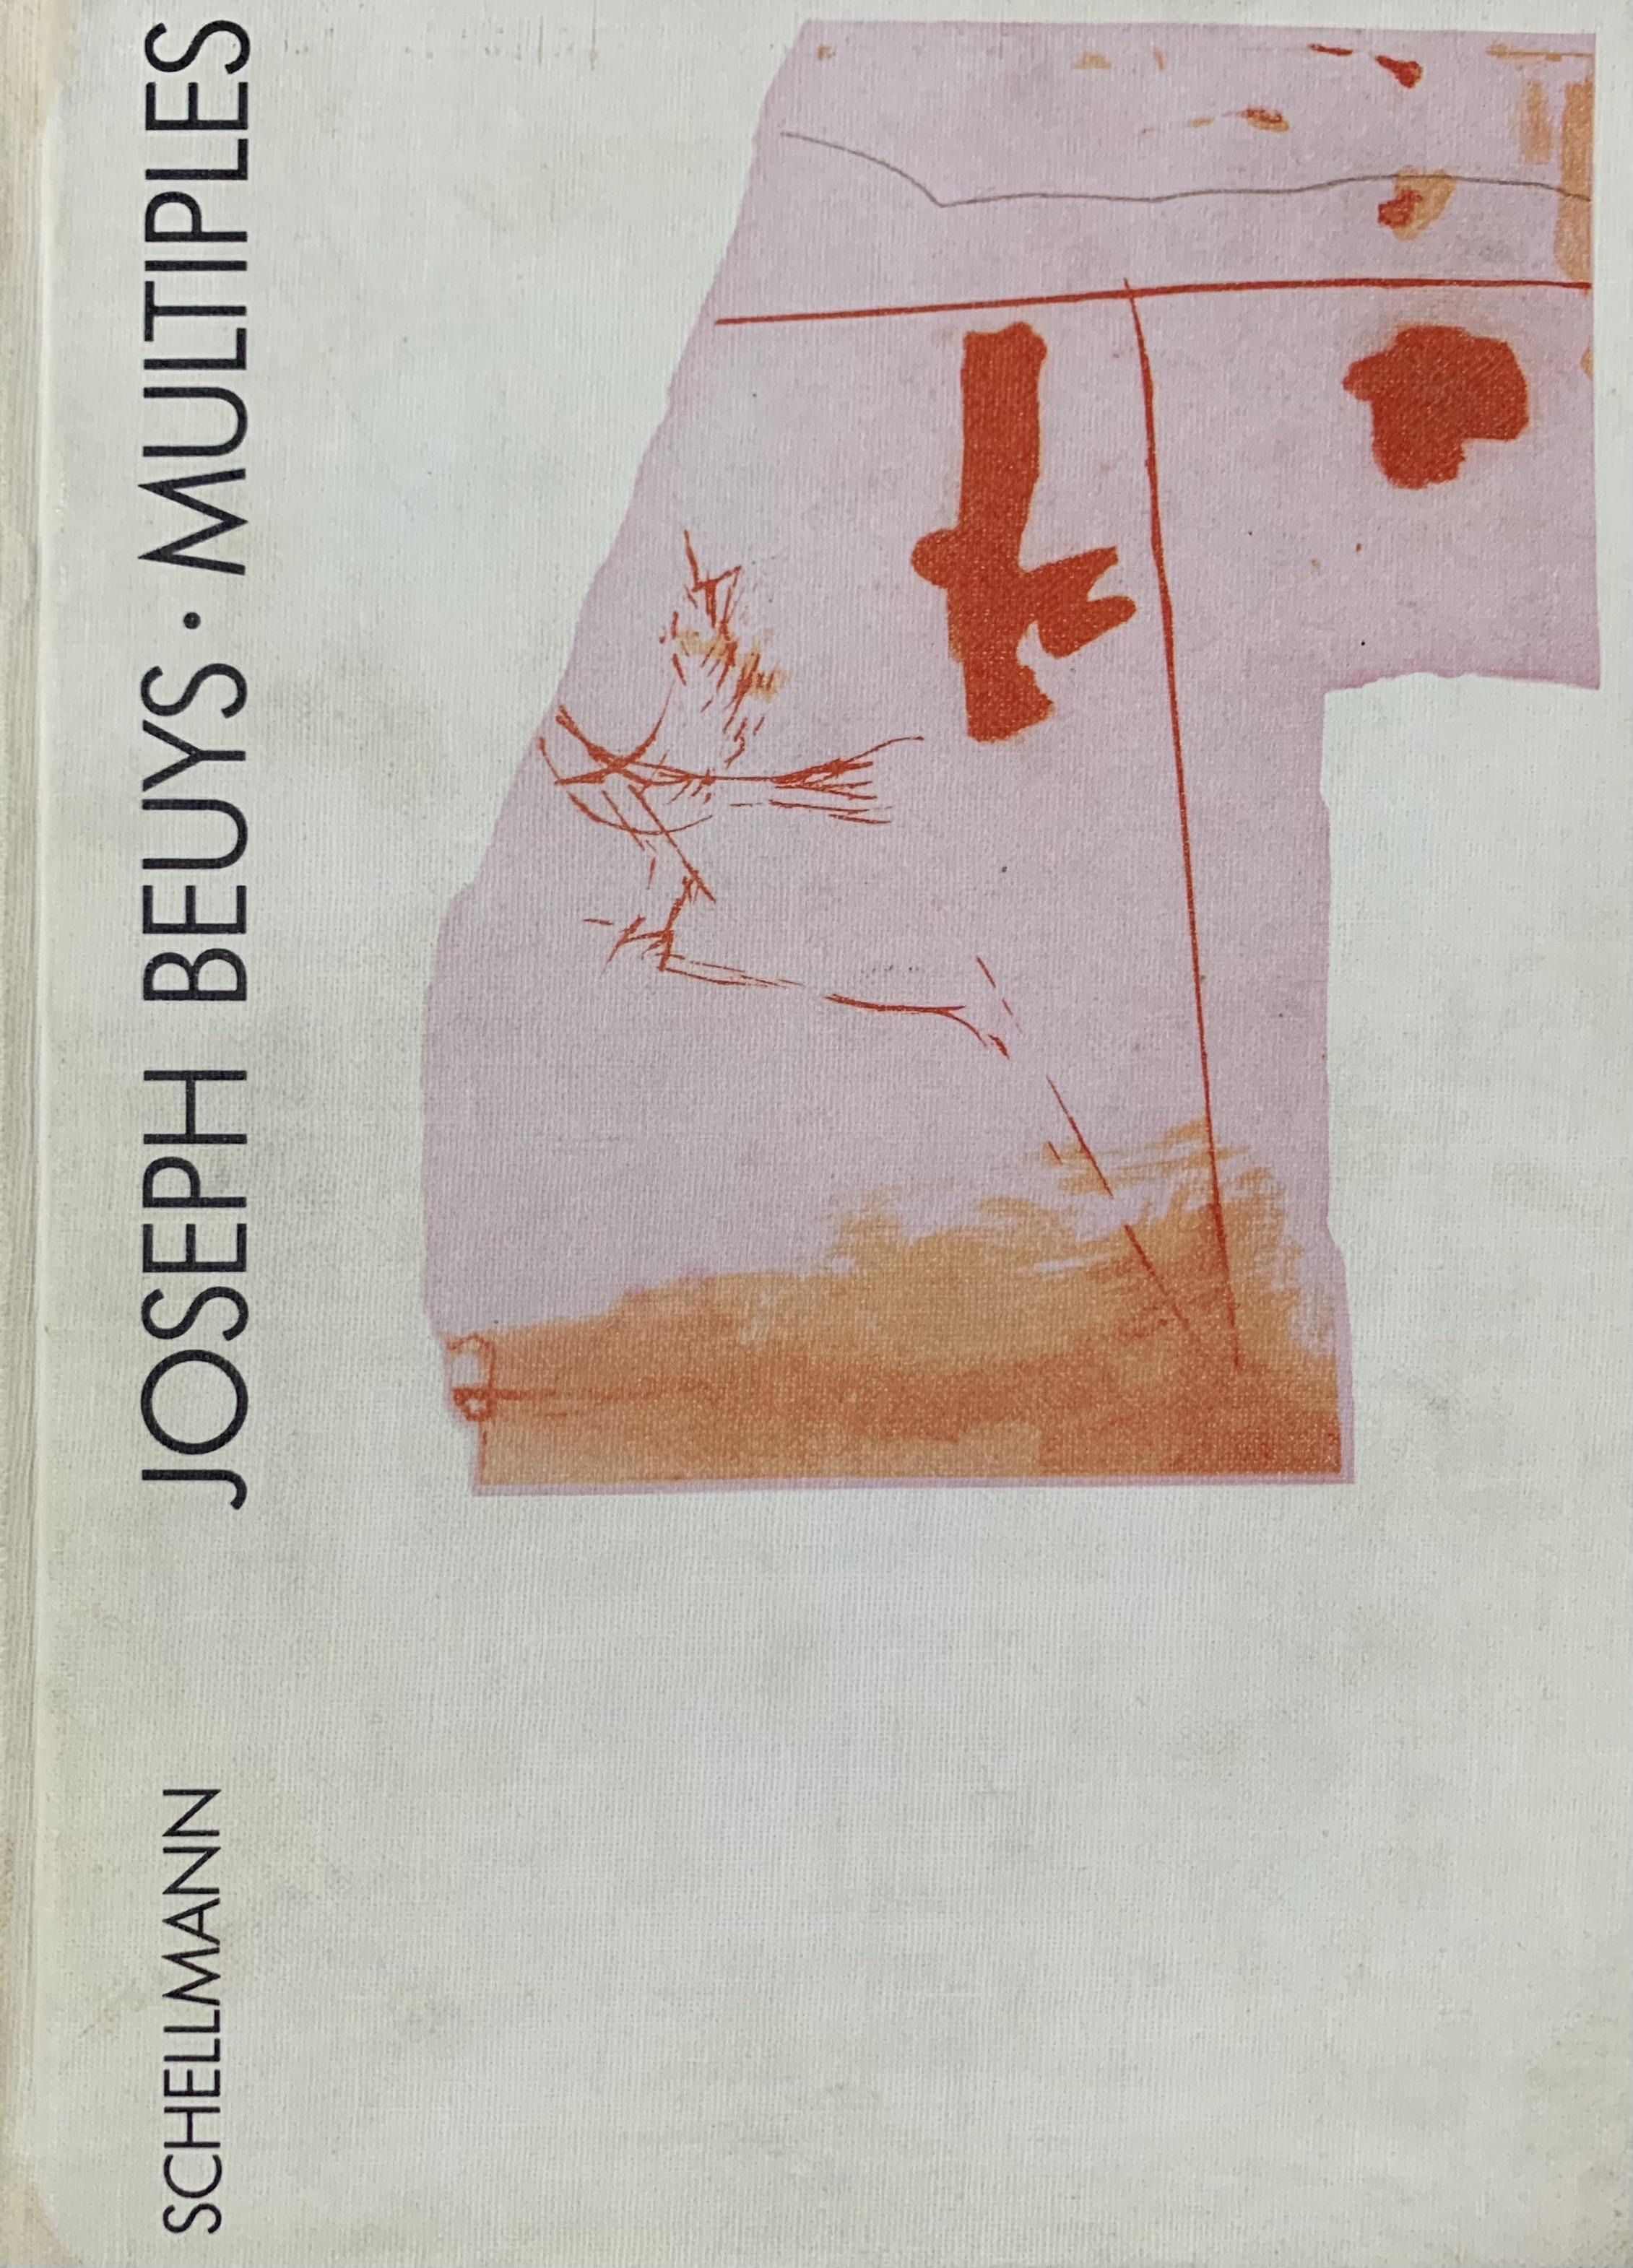 Beuys, Joseph. Multiples. Werkverzeichnis Multiples und Druckgraphik: Hrsg. Jörg Schellmann